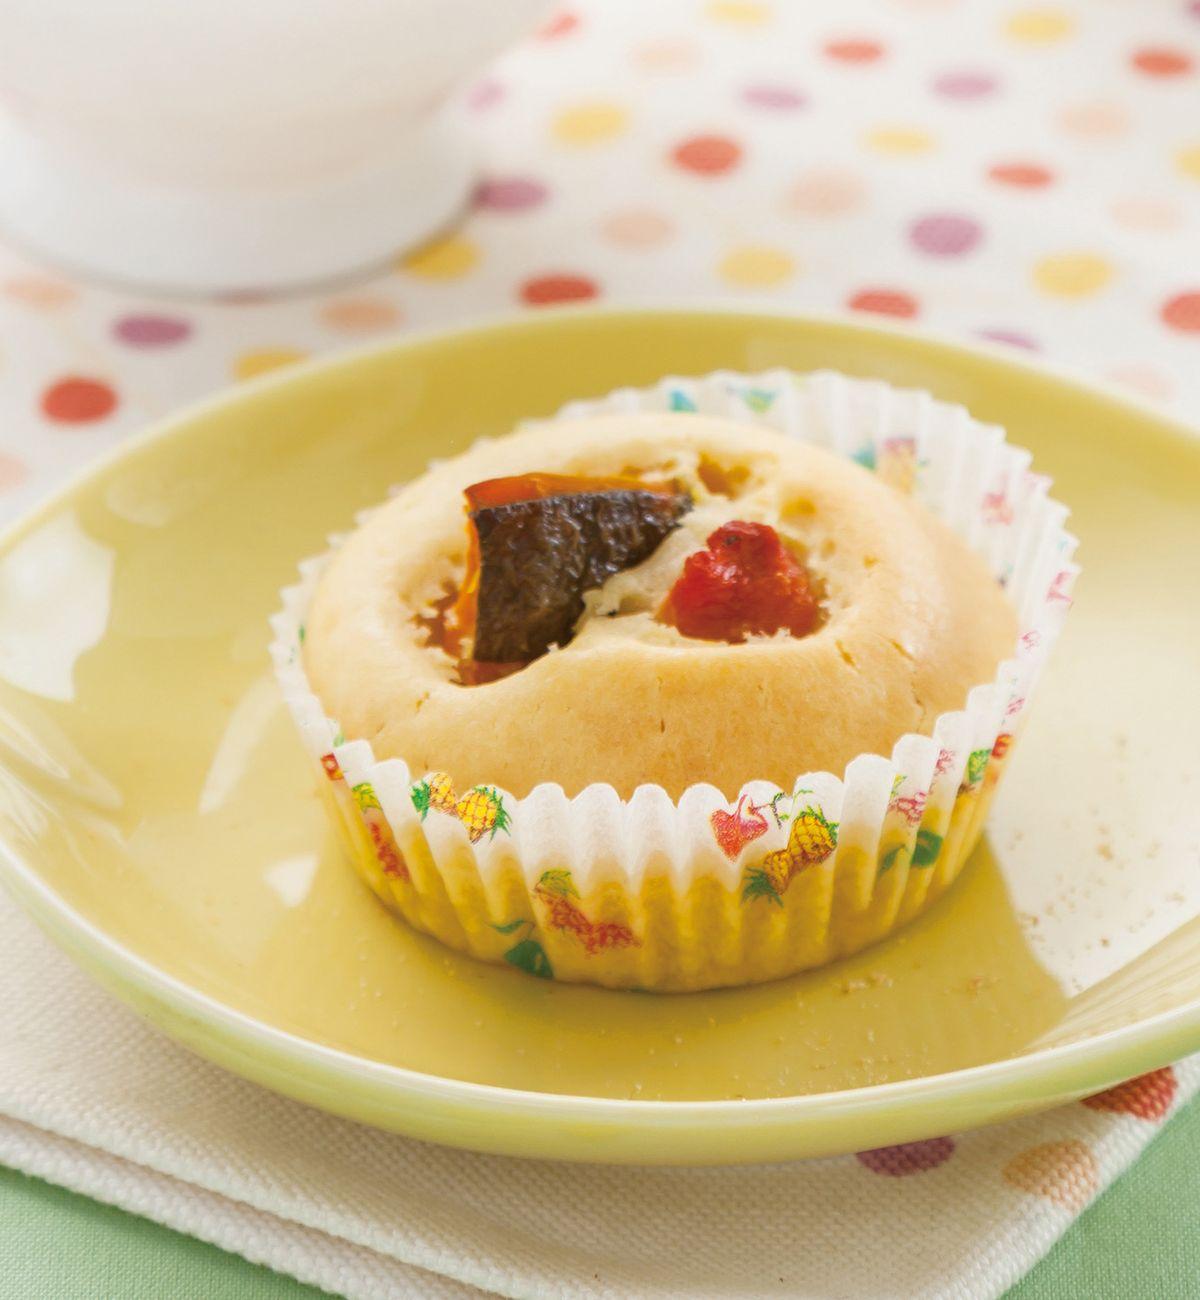 食譜:南瓜鬆糕